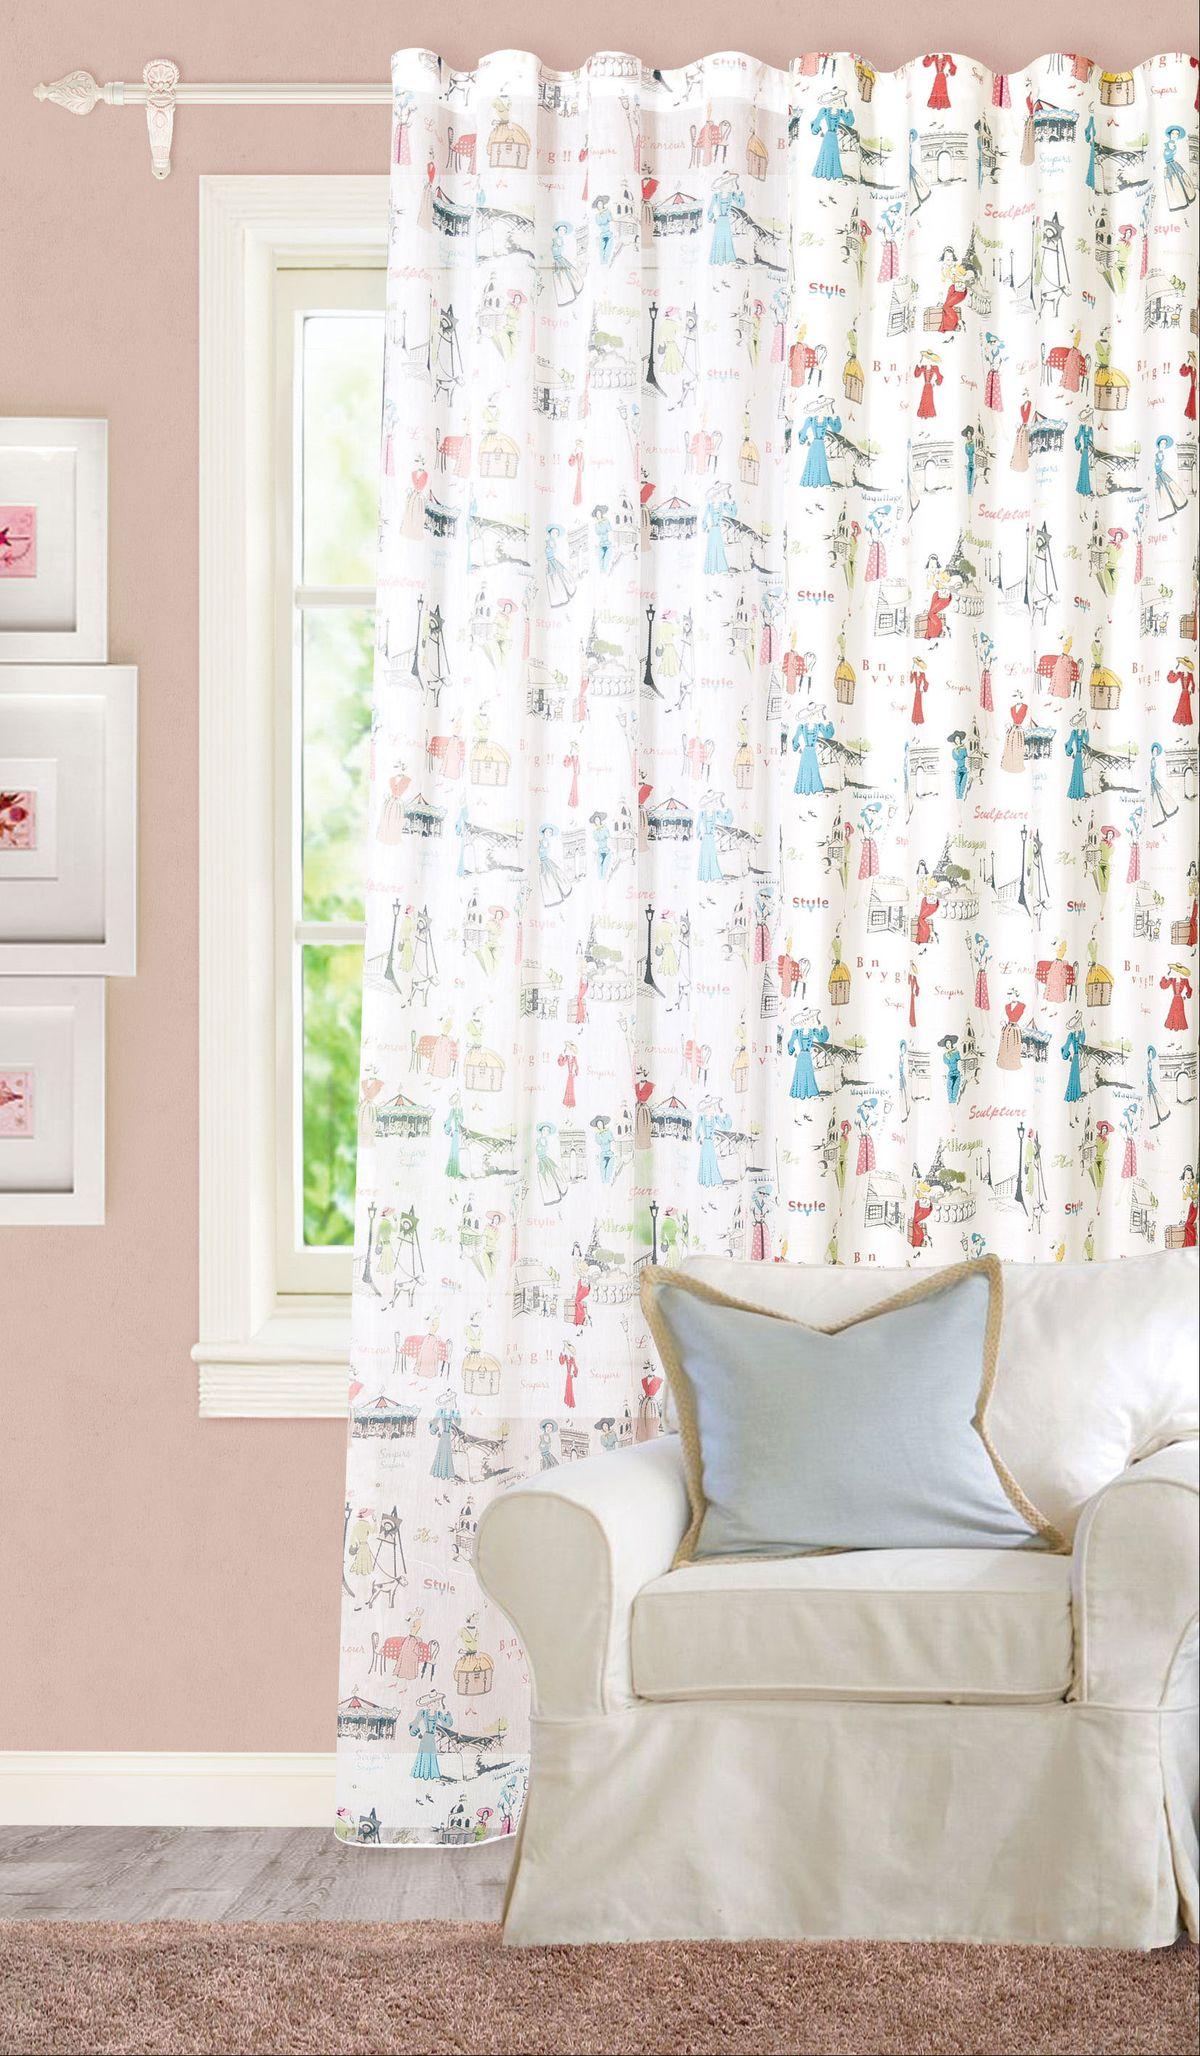 Штора Garden, на ленте, портьерная, цвет: белый, 200х260 см. С 8189 - W1687 V12_белый705547Изящная штора Garden выполнена из плотной ткани. Приятная текстура и цвет привлекут к себе внимание и органично впишутся в интерьер помещения. Штора крепится на карниз при помощи ленты, которая поможет красиво и равномерно задрапировать верх.